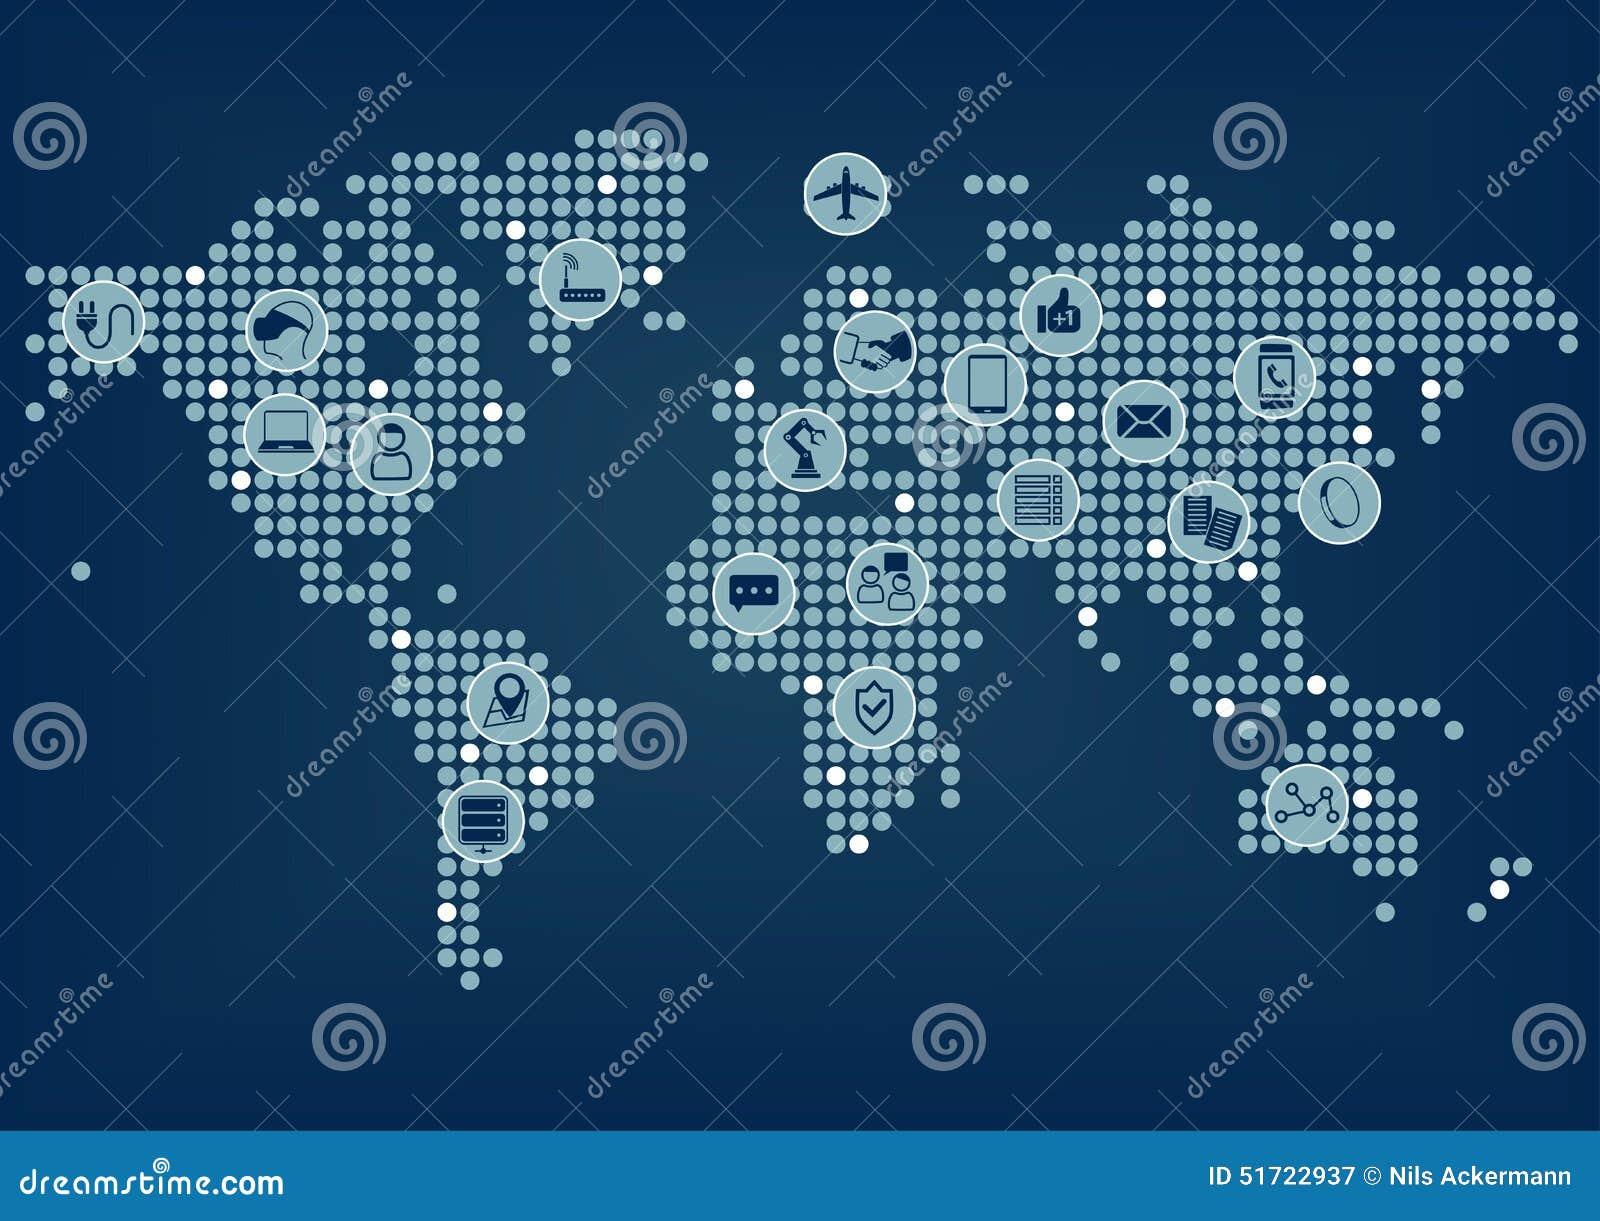 Internet Of Things (Io...